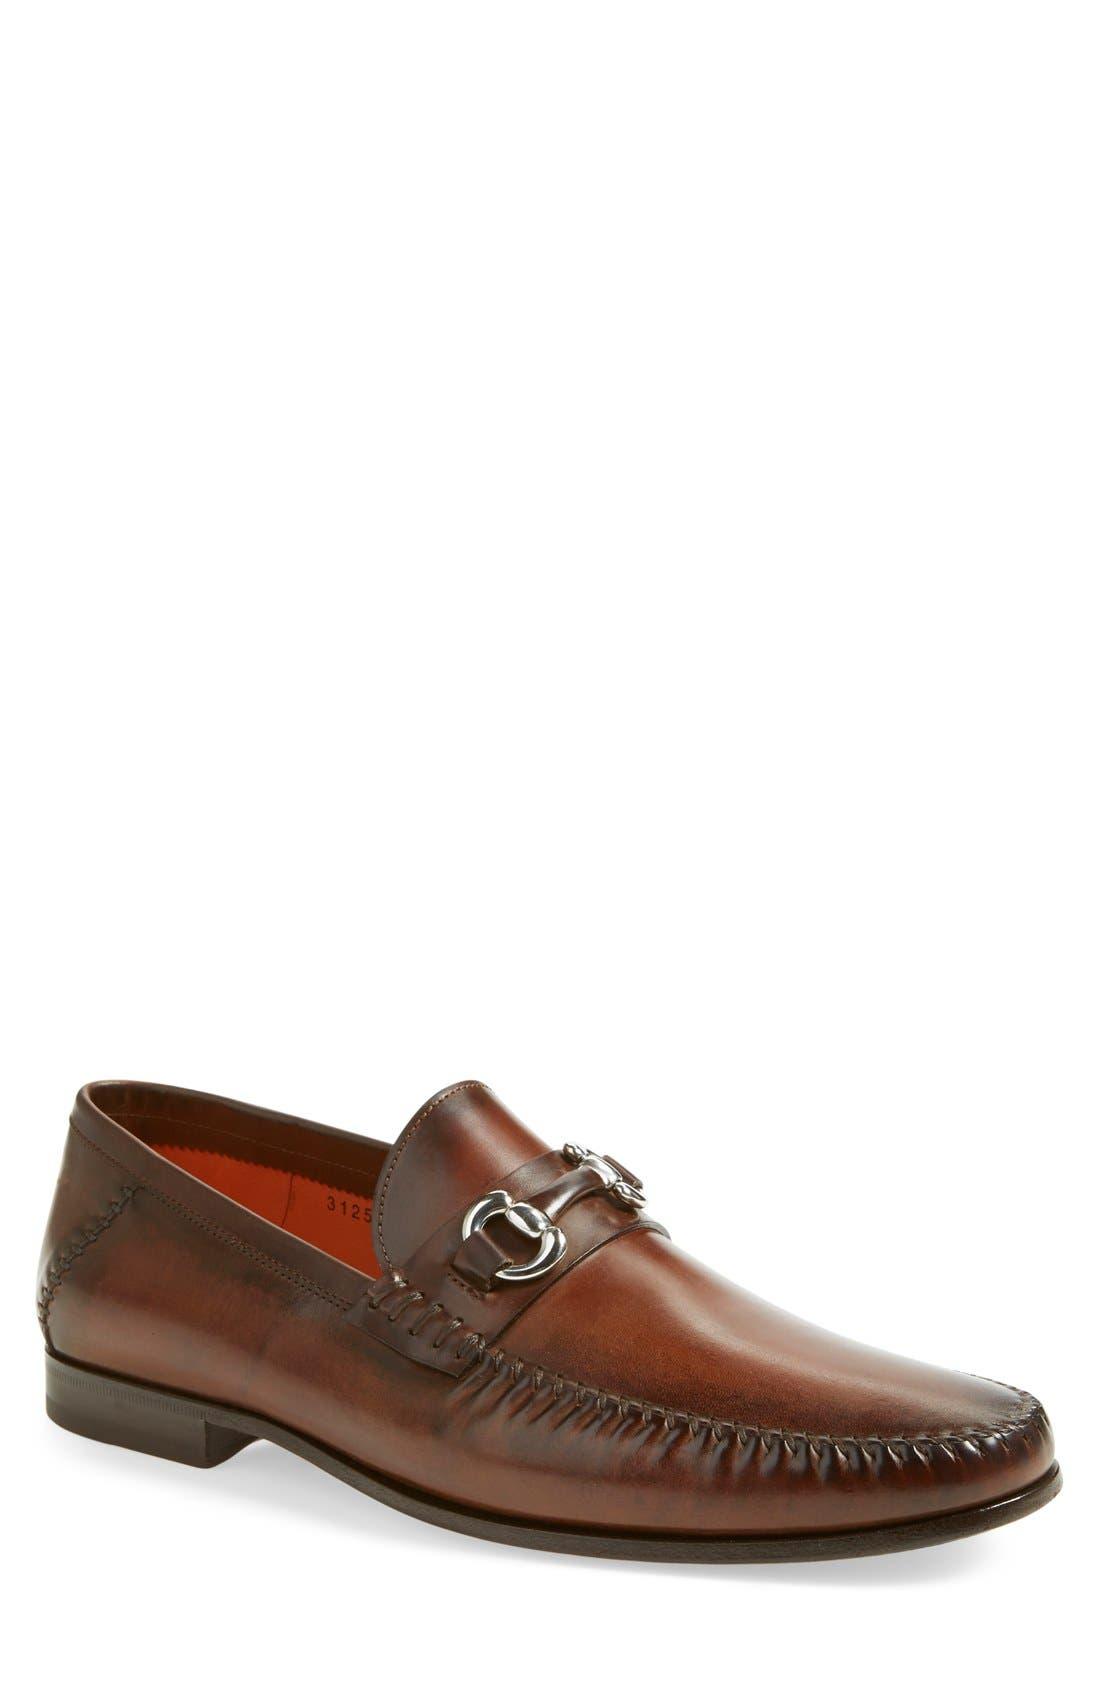 Egan Bit Loafer,                         Main,                         color,